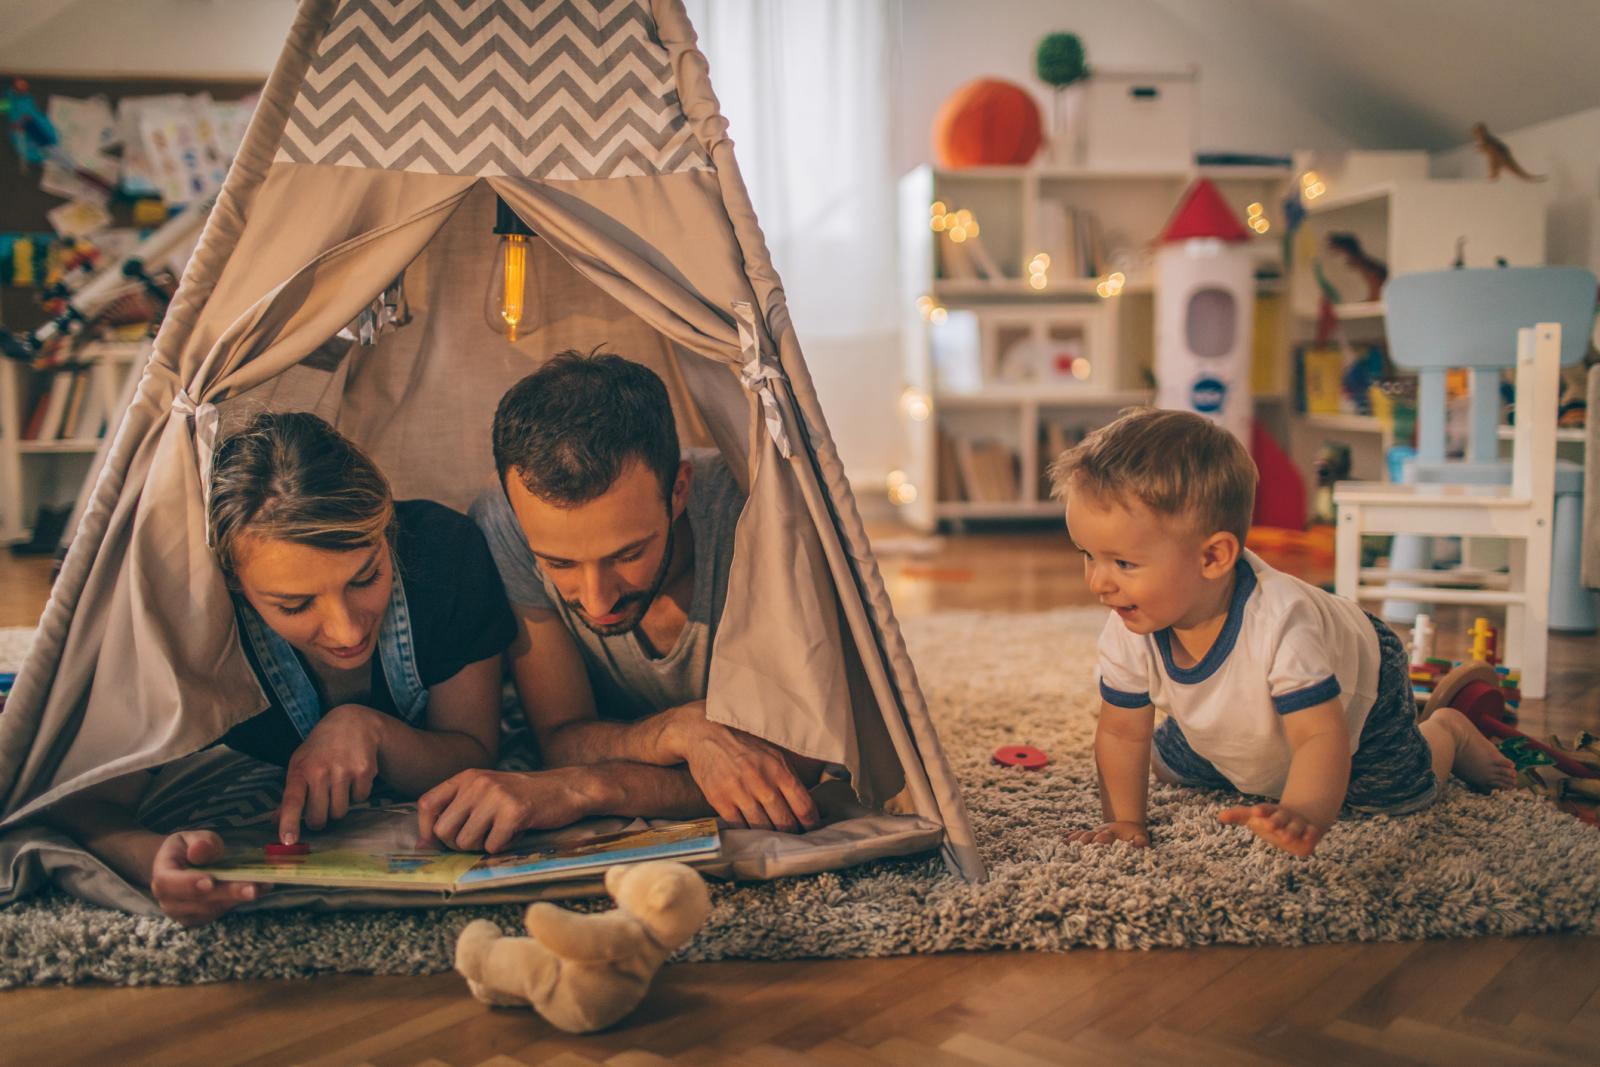 Koliko često se i sami igrate s djetetom?